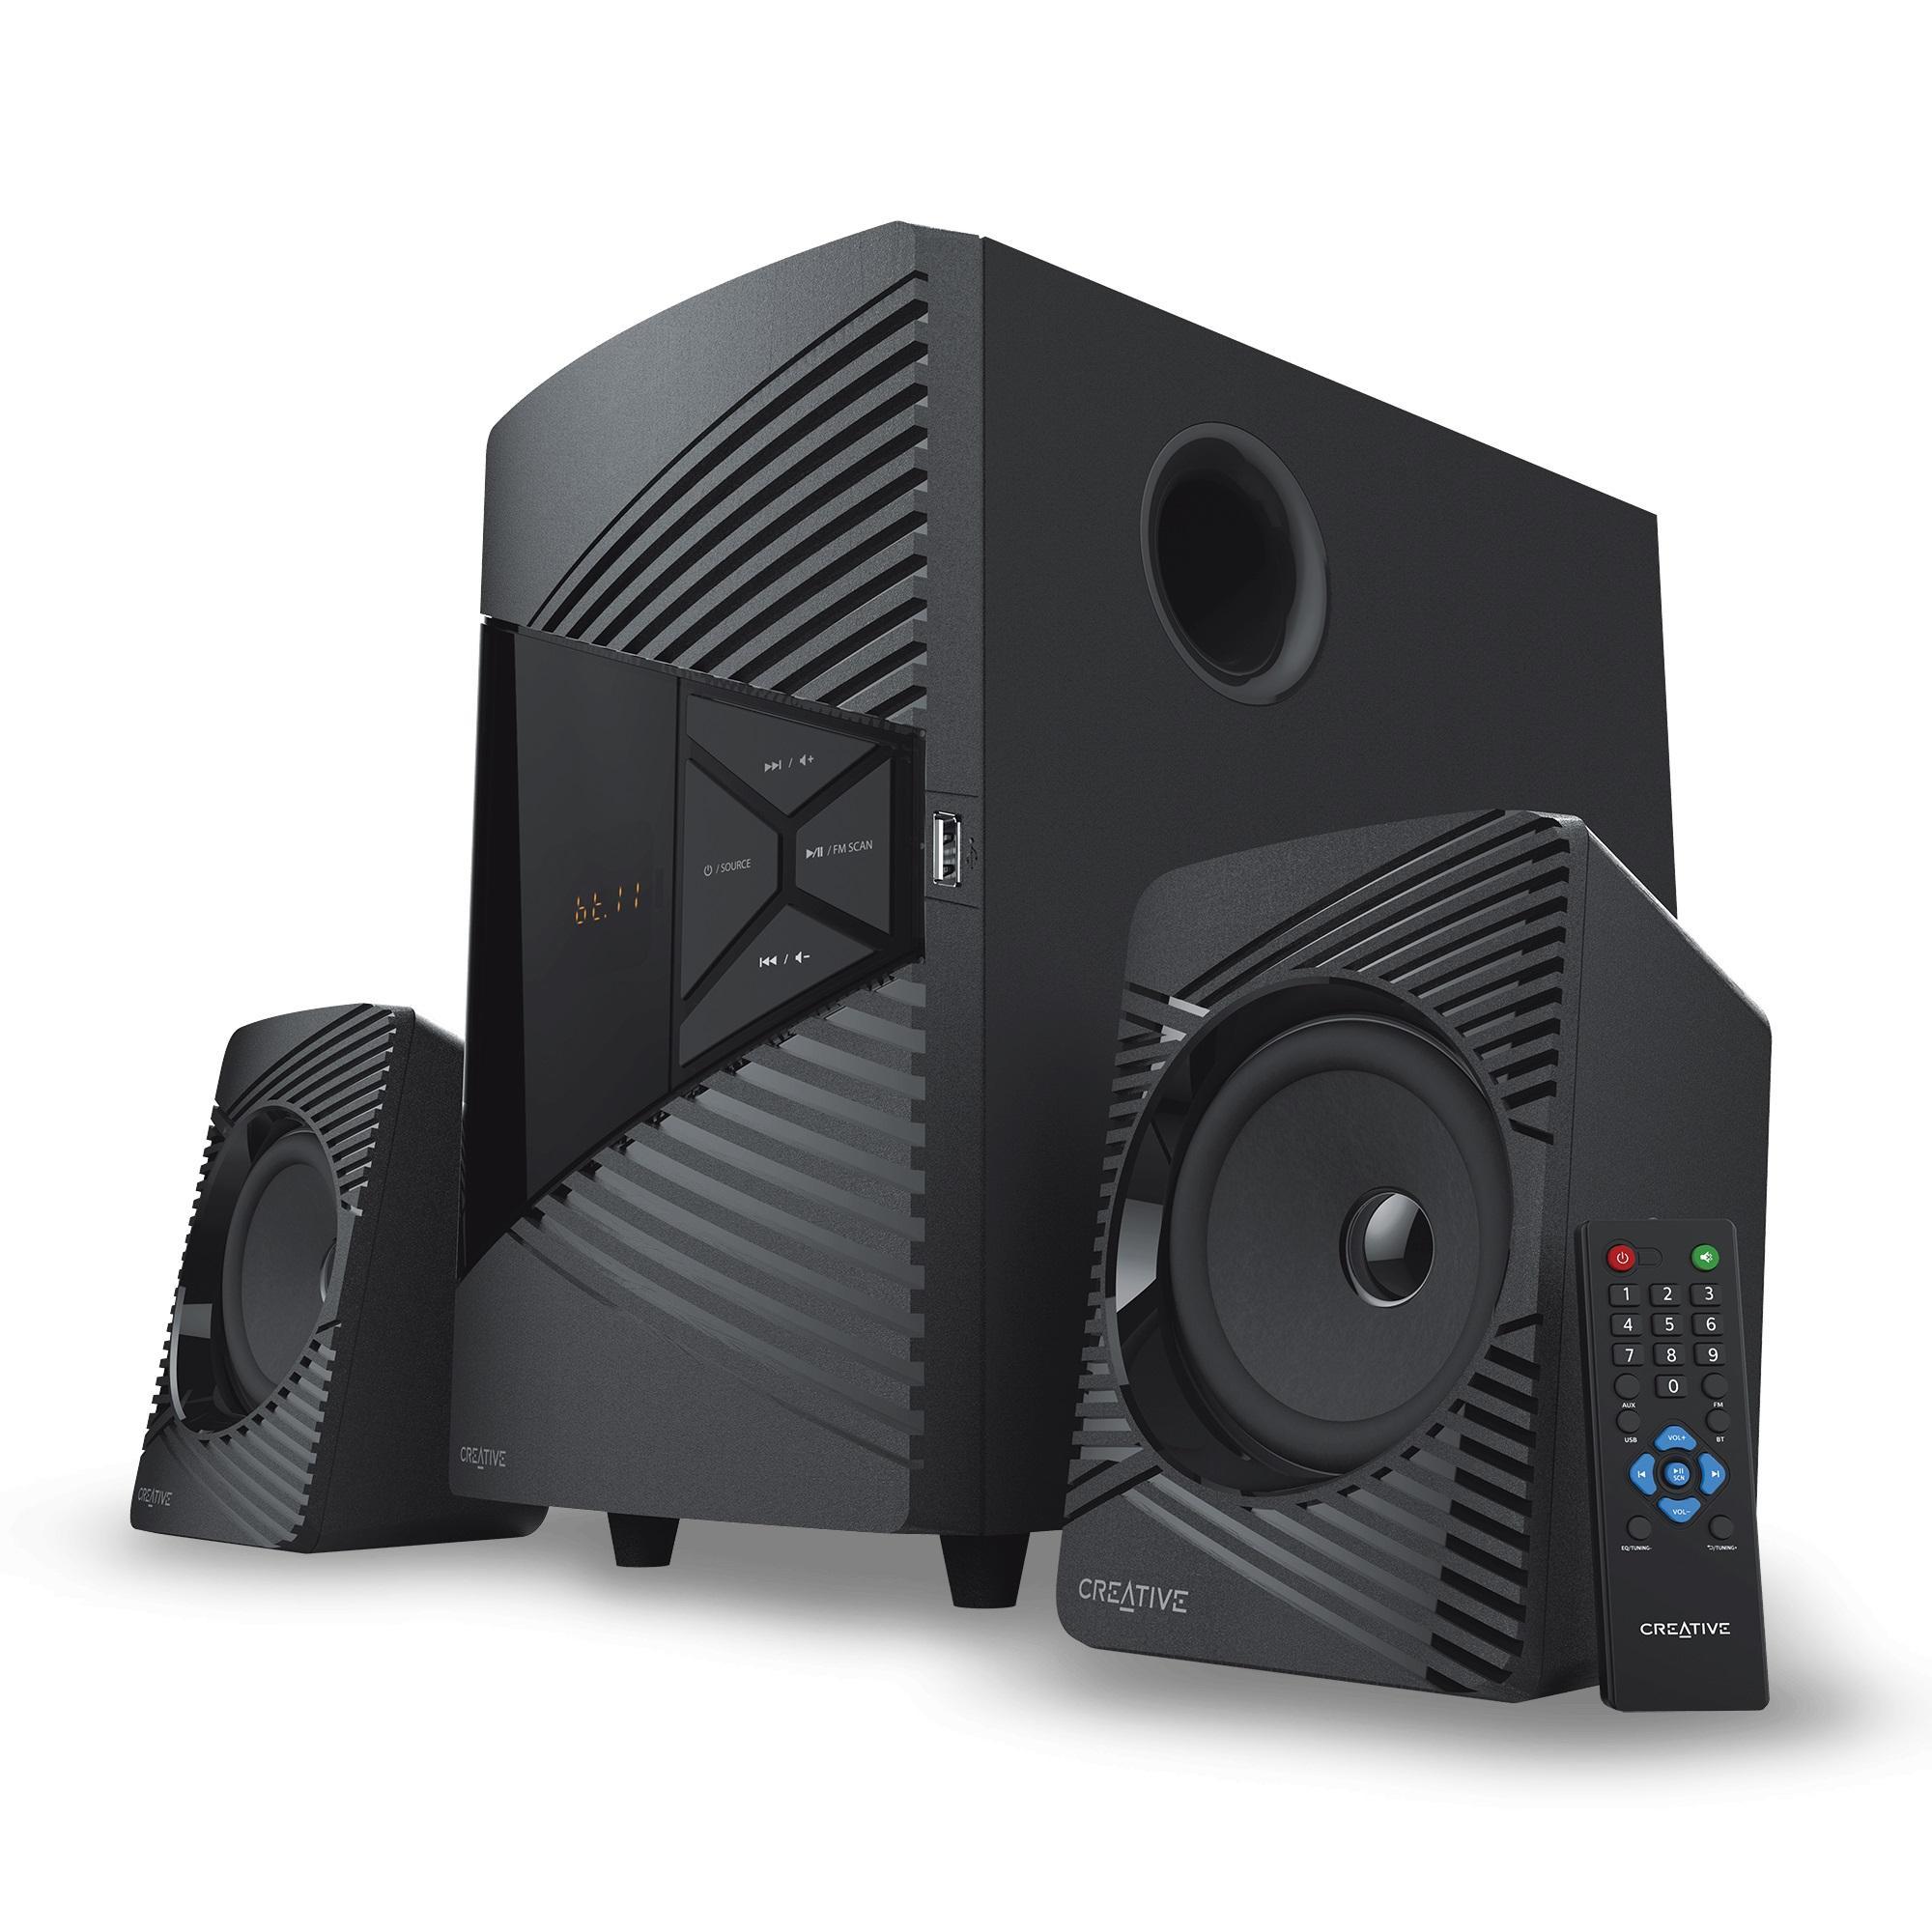 Озвучителна система Creative SBS E2500, 2.1, Bluetooth говорители, Черен